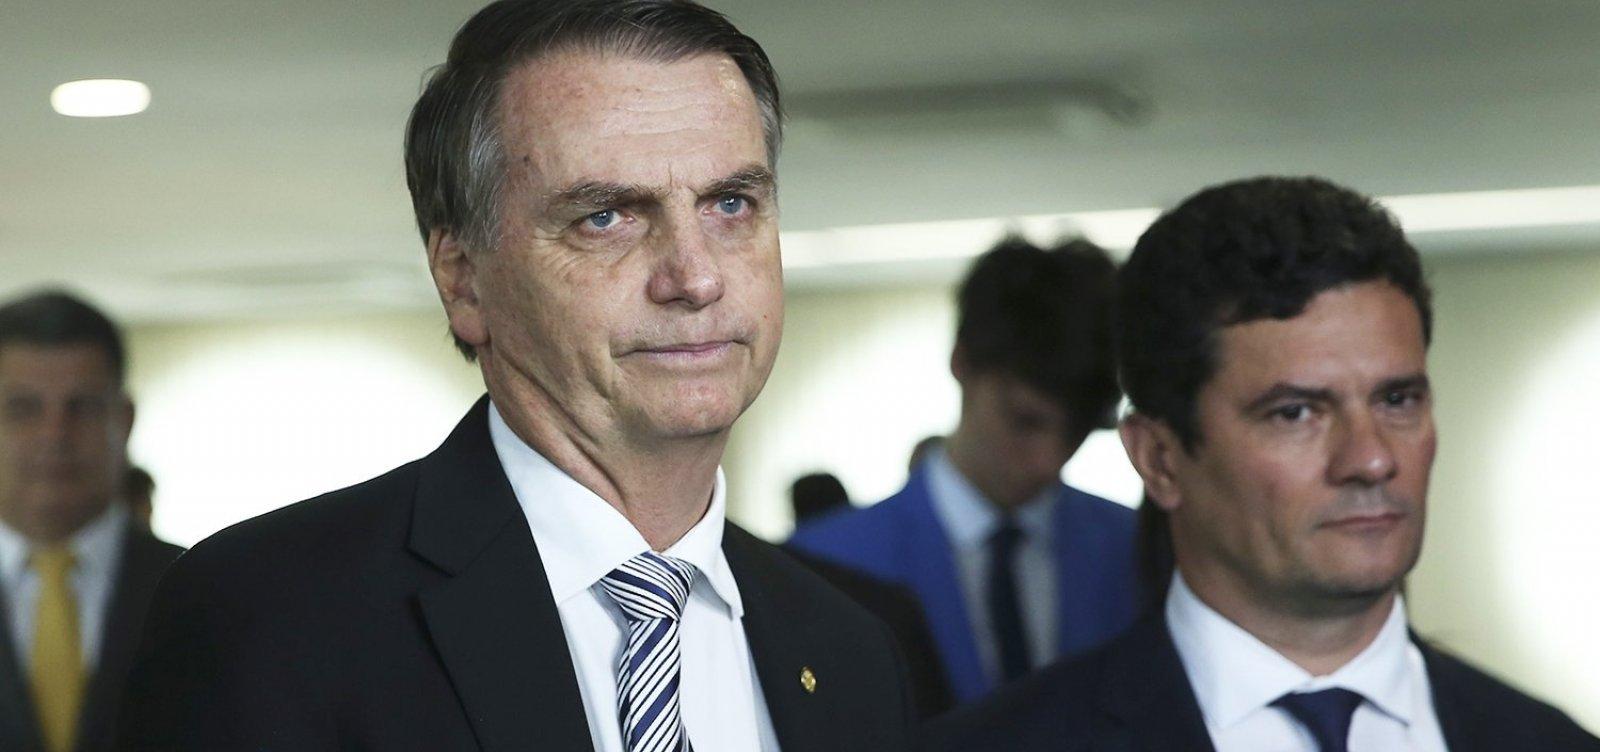 ['Moro, Valeixo sai esta semana', diz Bolsonaro em mensagem antes de reunião ministerial]